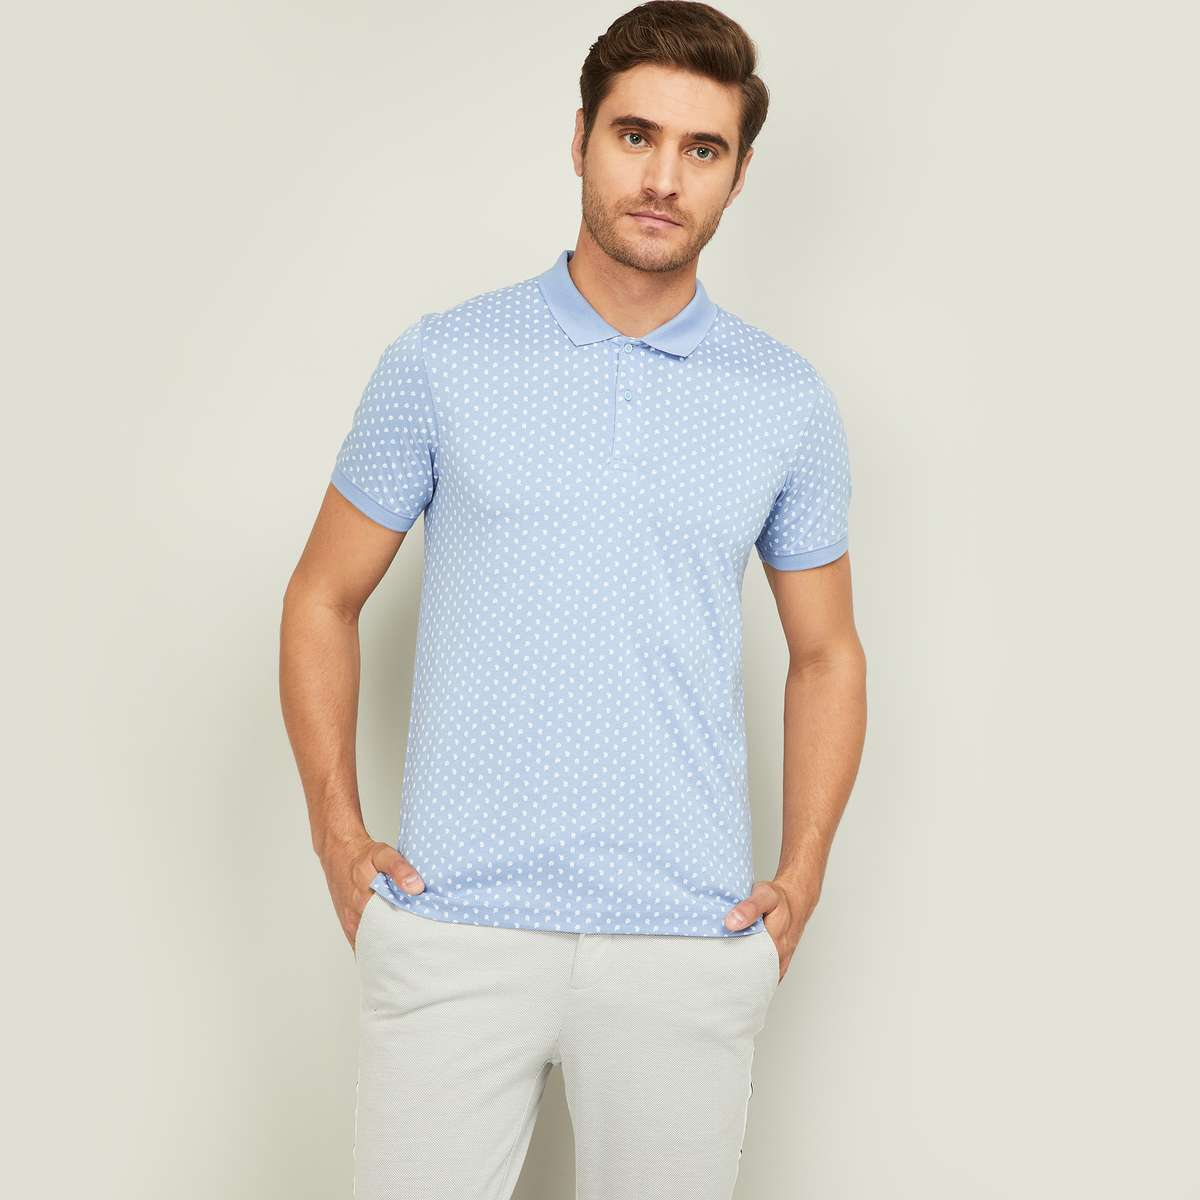 CODE Men Printed Regular Fit Polo T-shirt